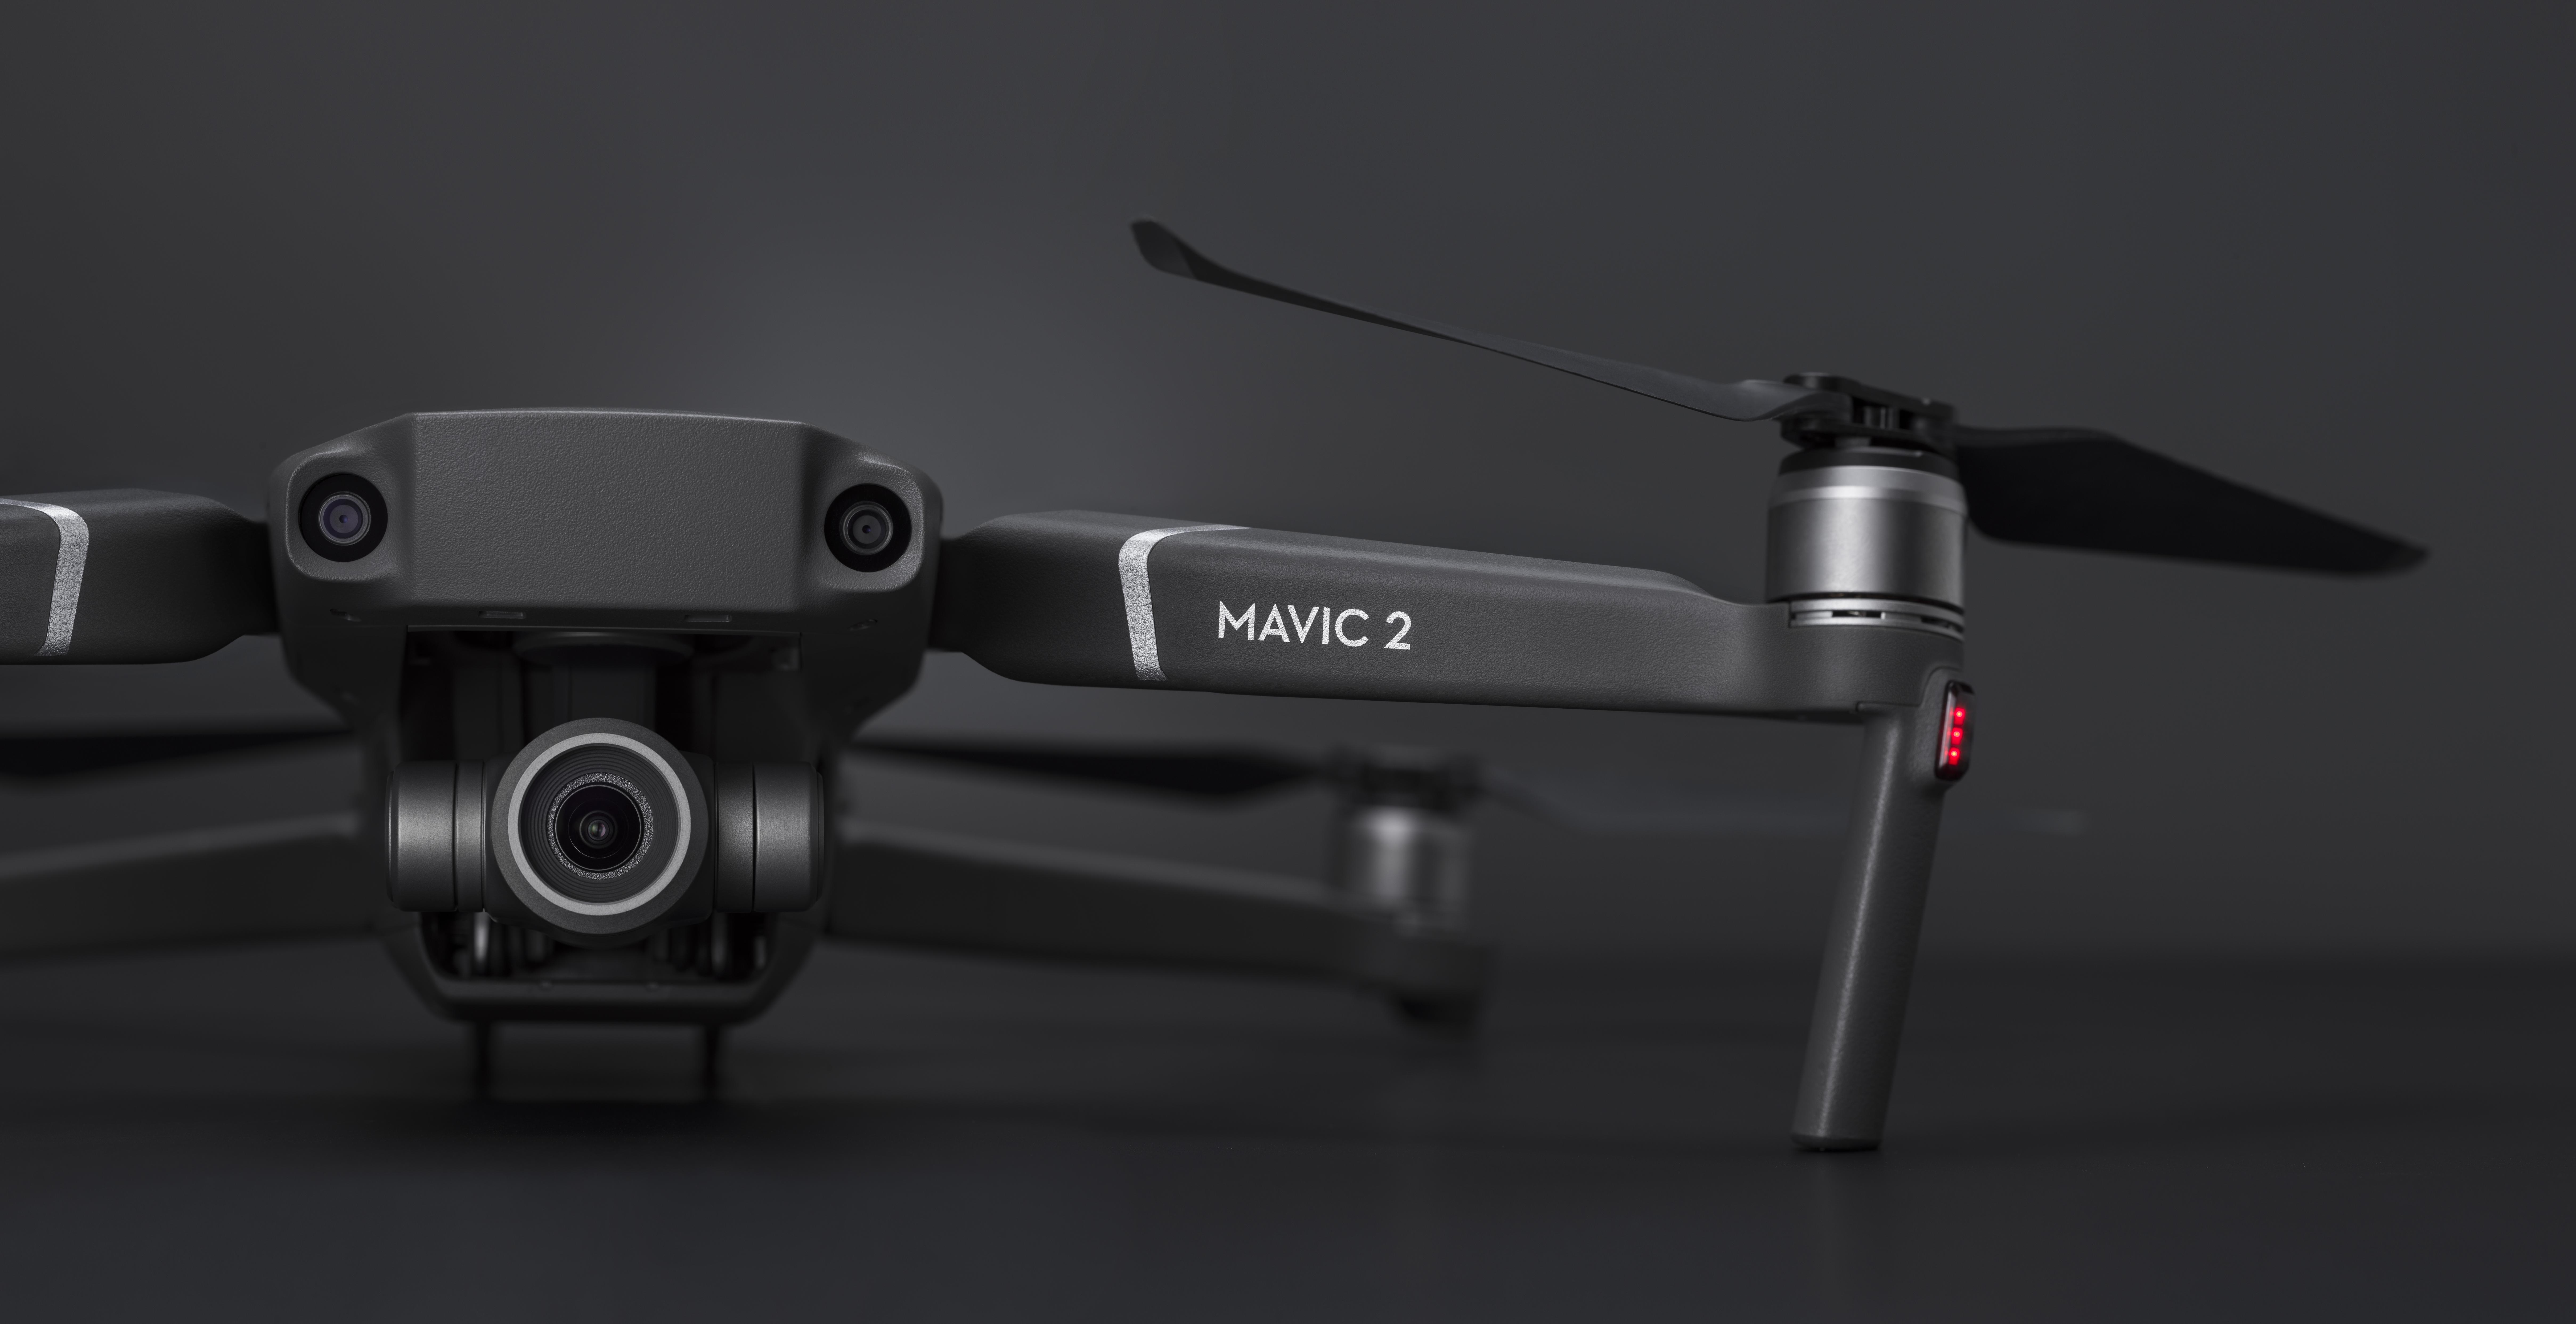 dji _mavic_2_zoom_drony_ironsky_szkolenia_vlos_bvlos_uavo